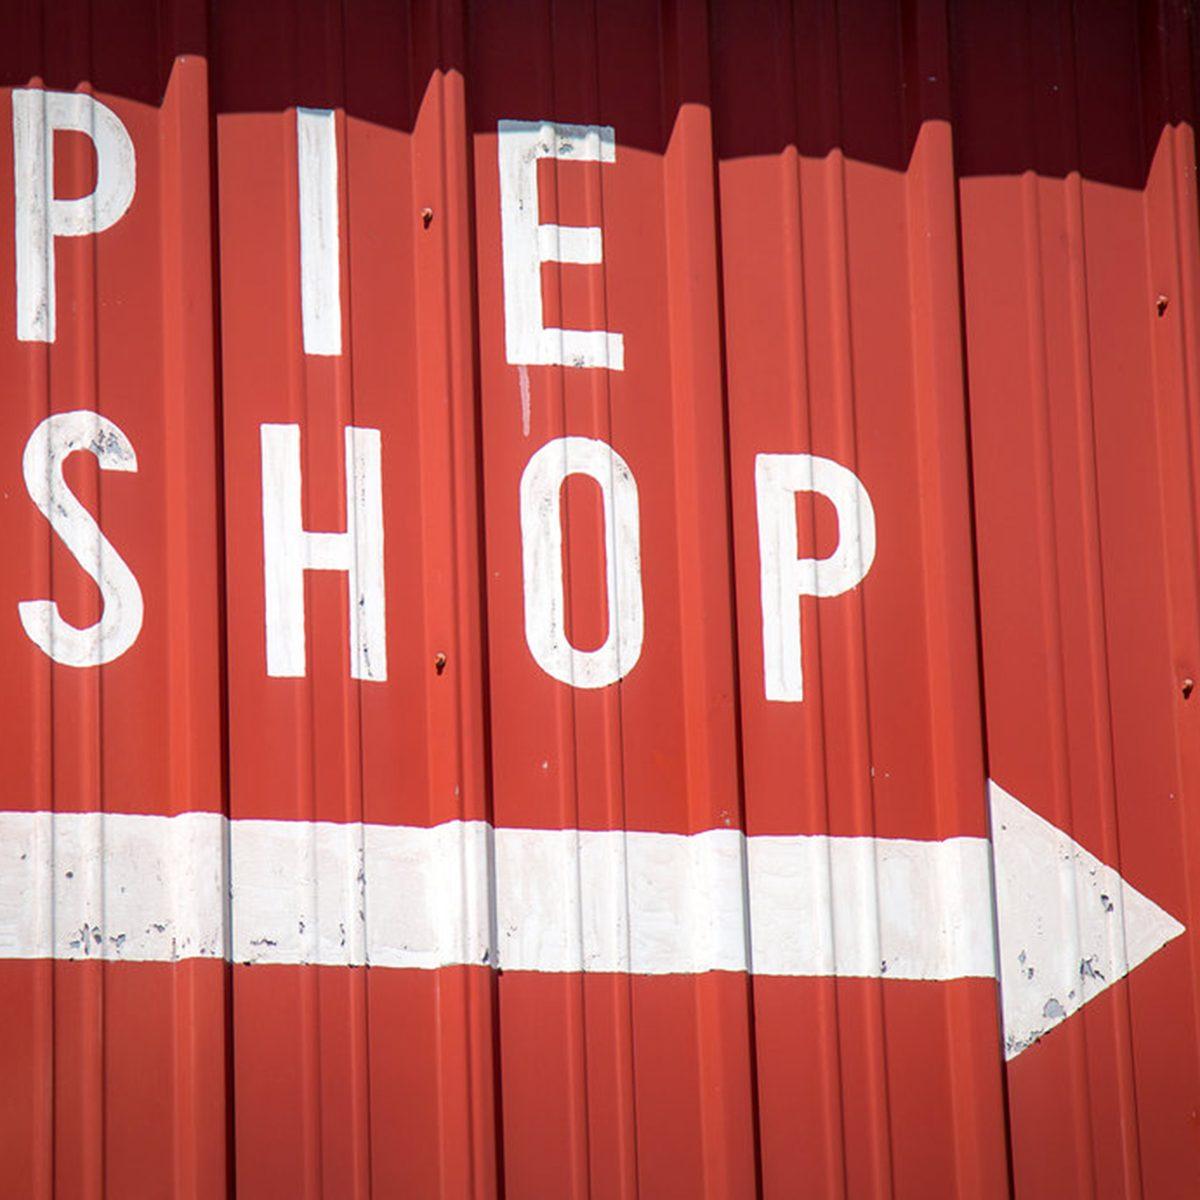 Pie shop sign